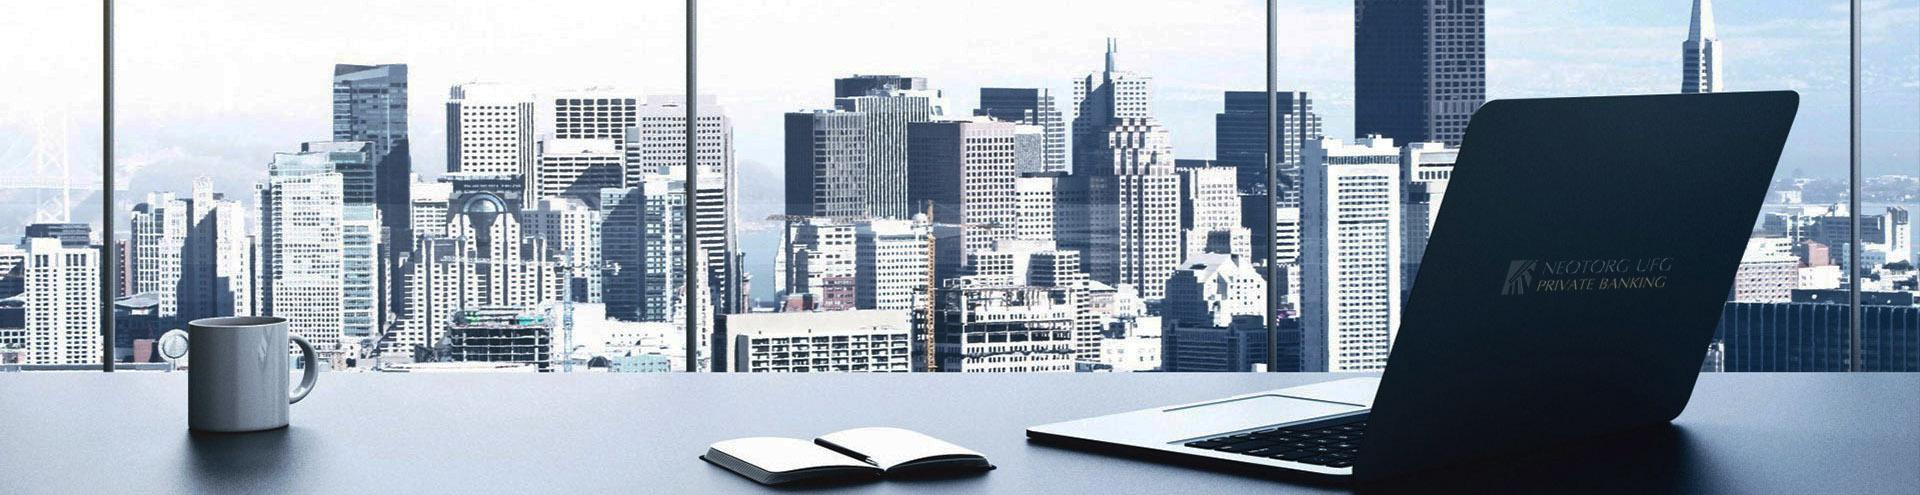 оказание юридических услуг юридическим лицам в Пензе и Пензенской области